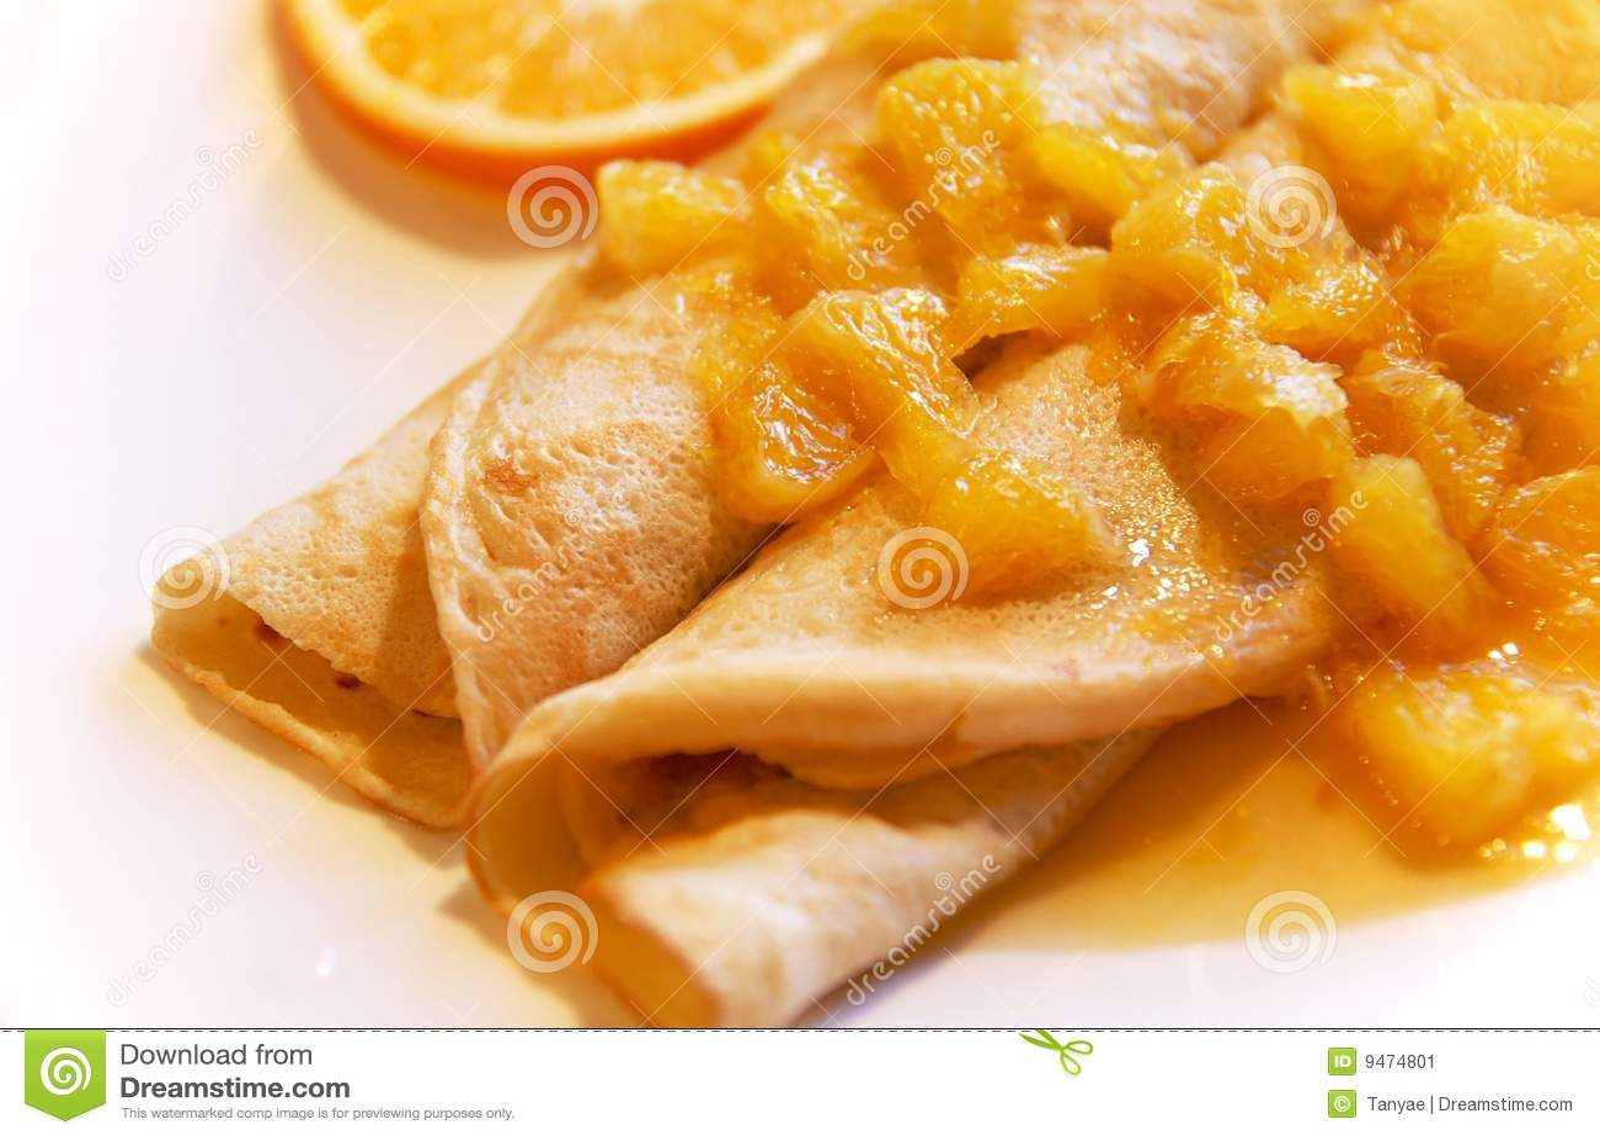 blini met sinaasappelen in zoete saus stock afbeelding afbeelding 9474801. Black Bedroom Furniture Sets. Home Design Ideas